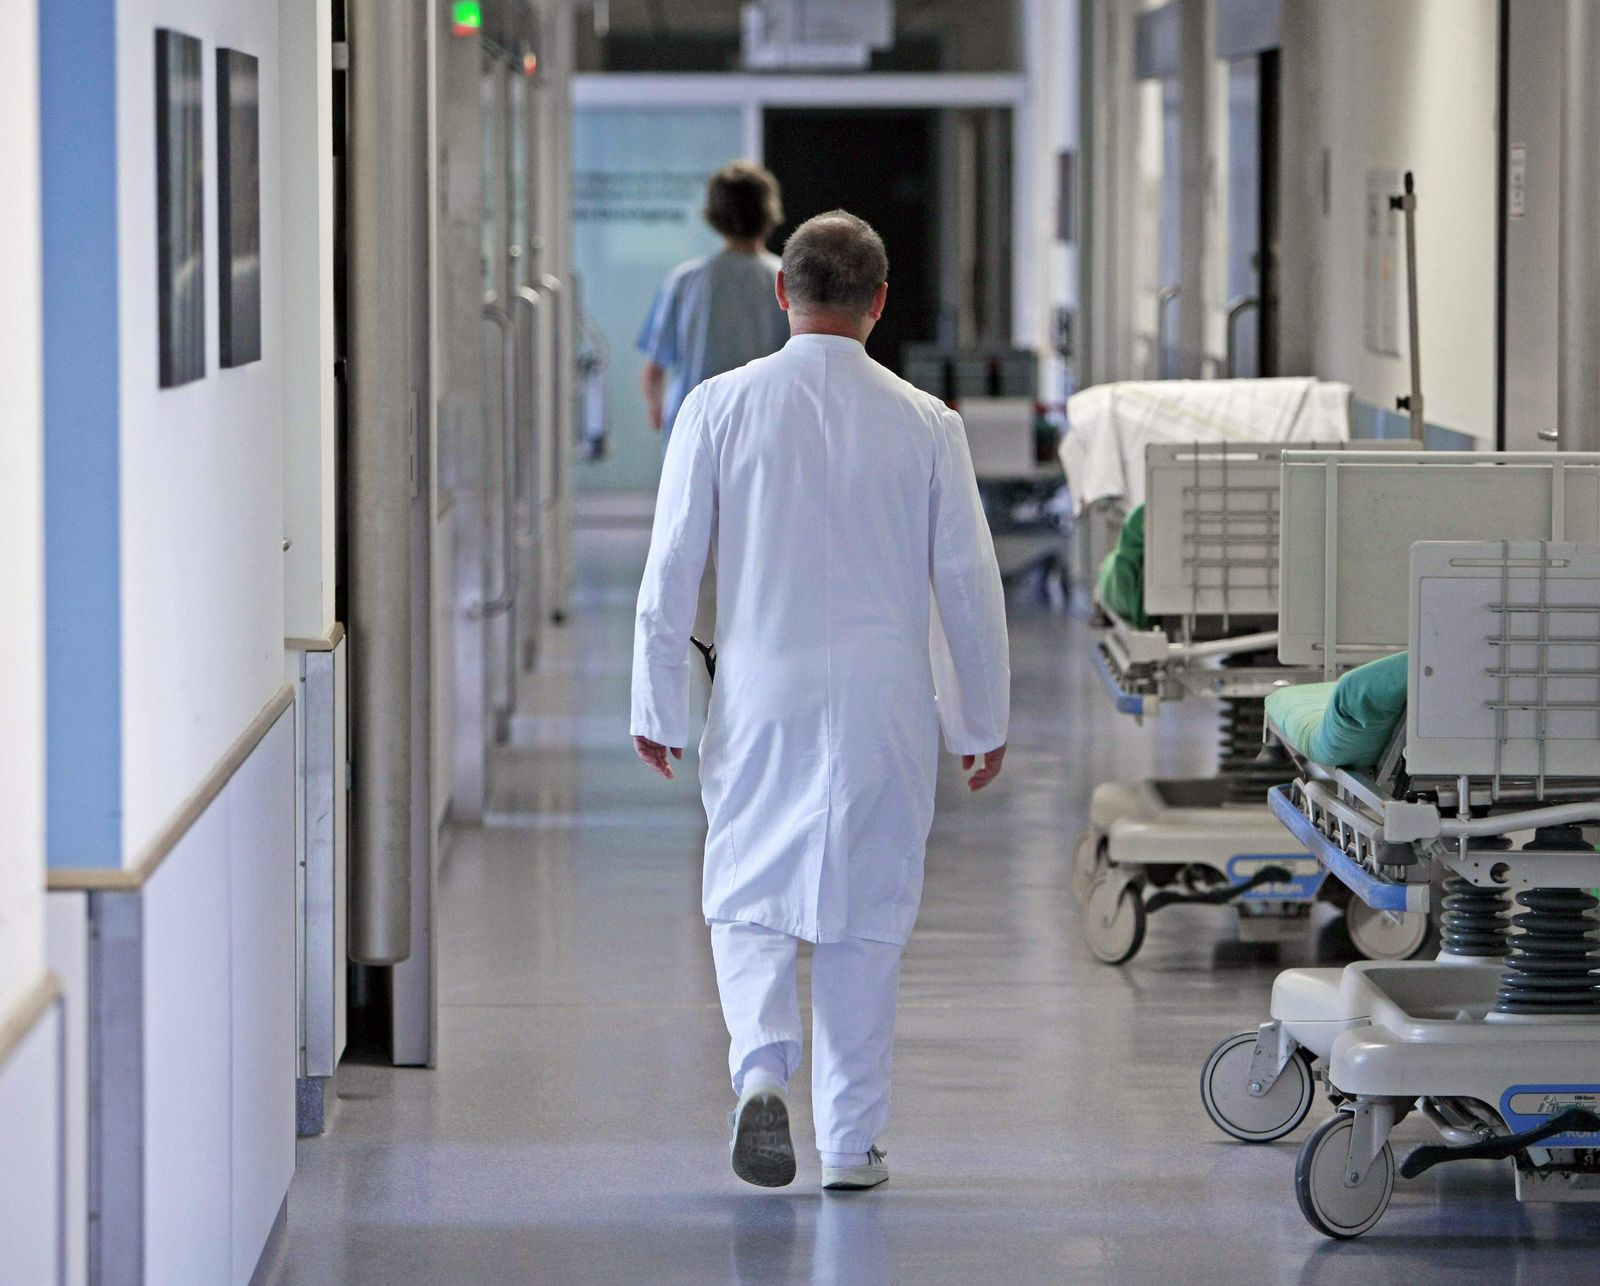 Krankenhaus / Arzt